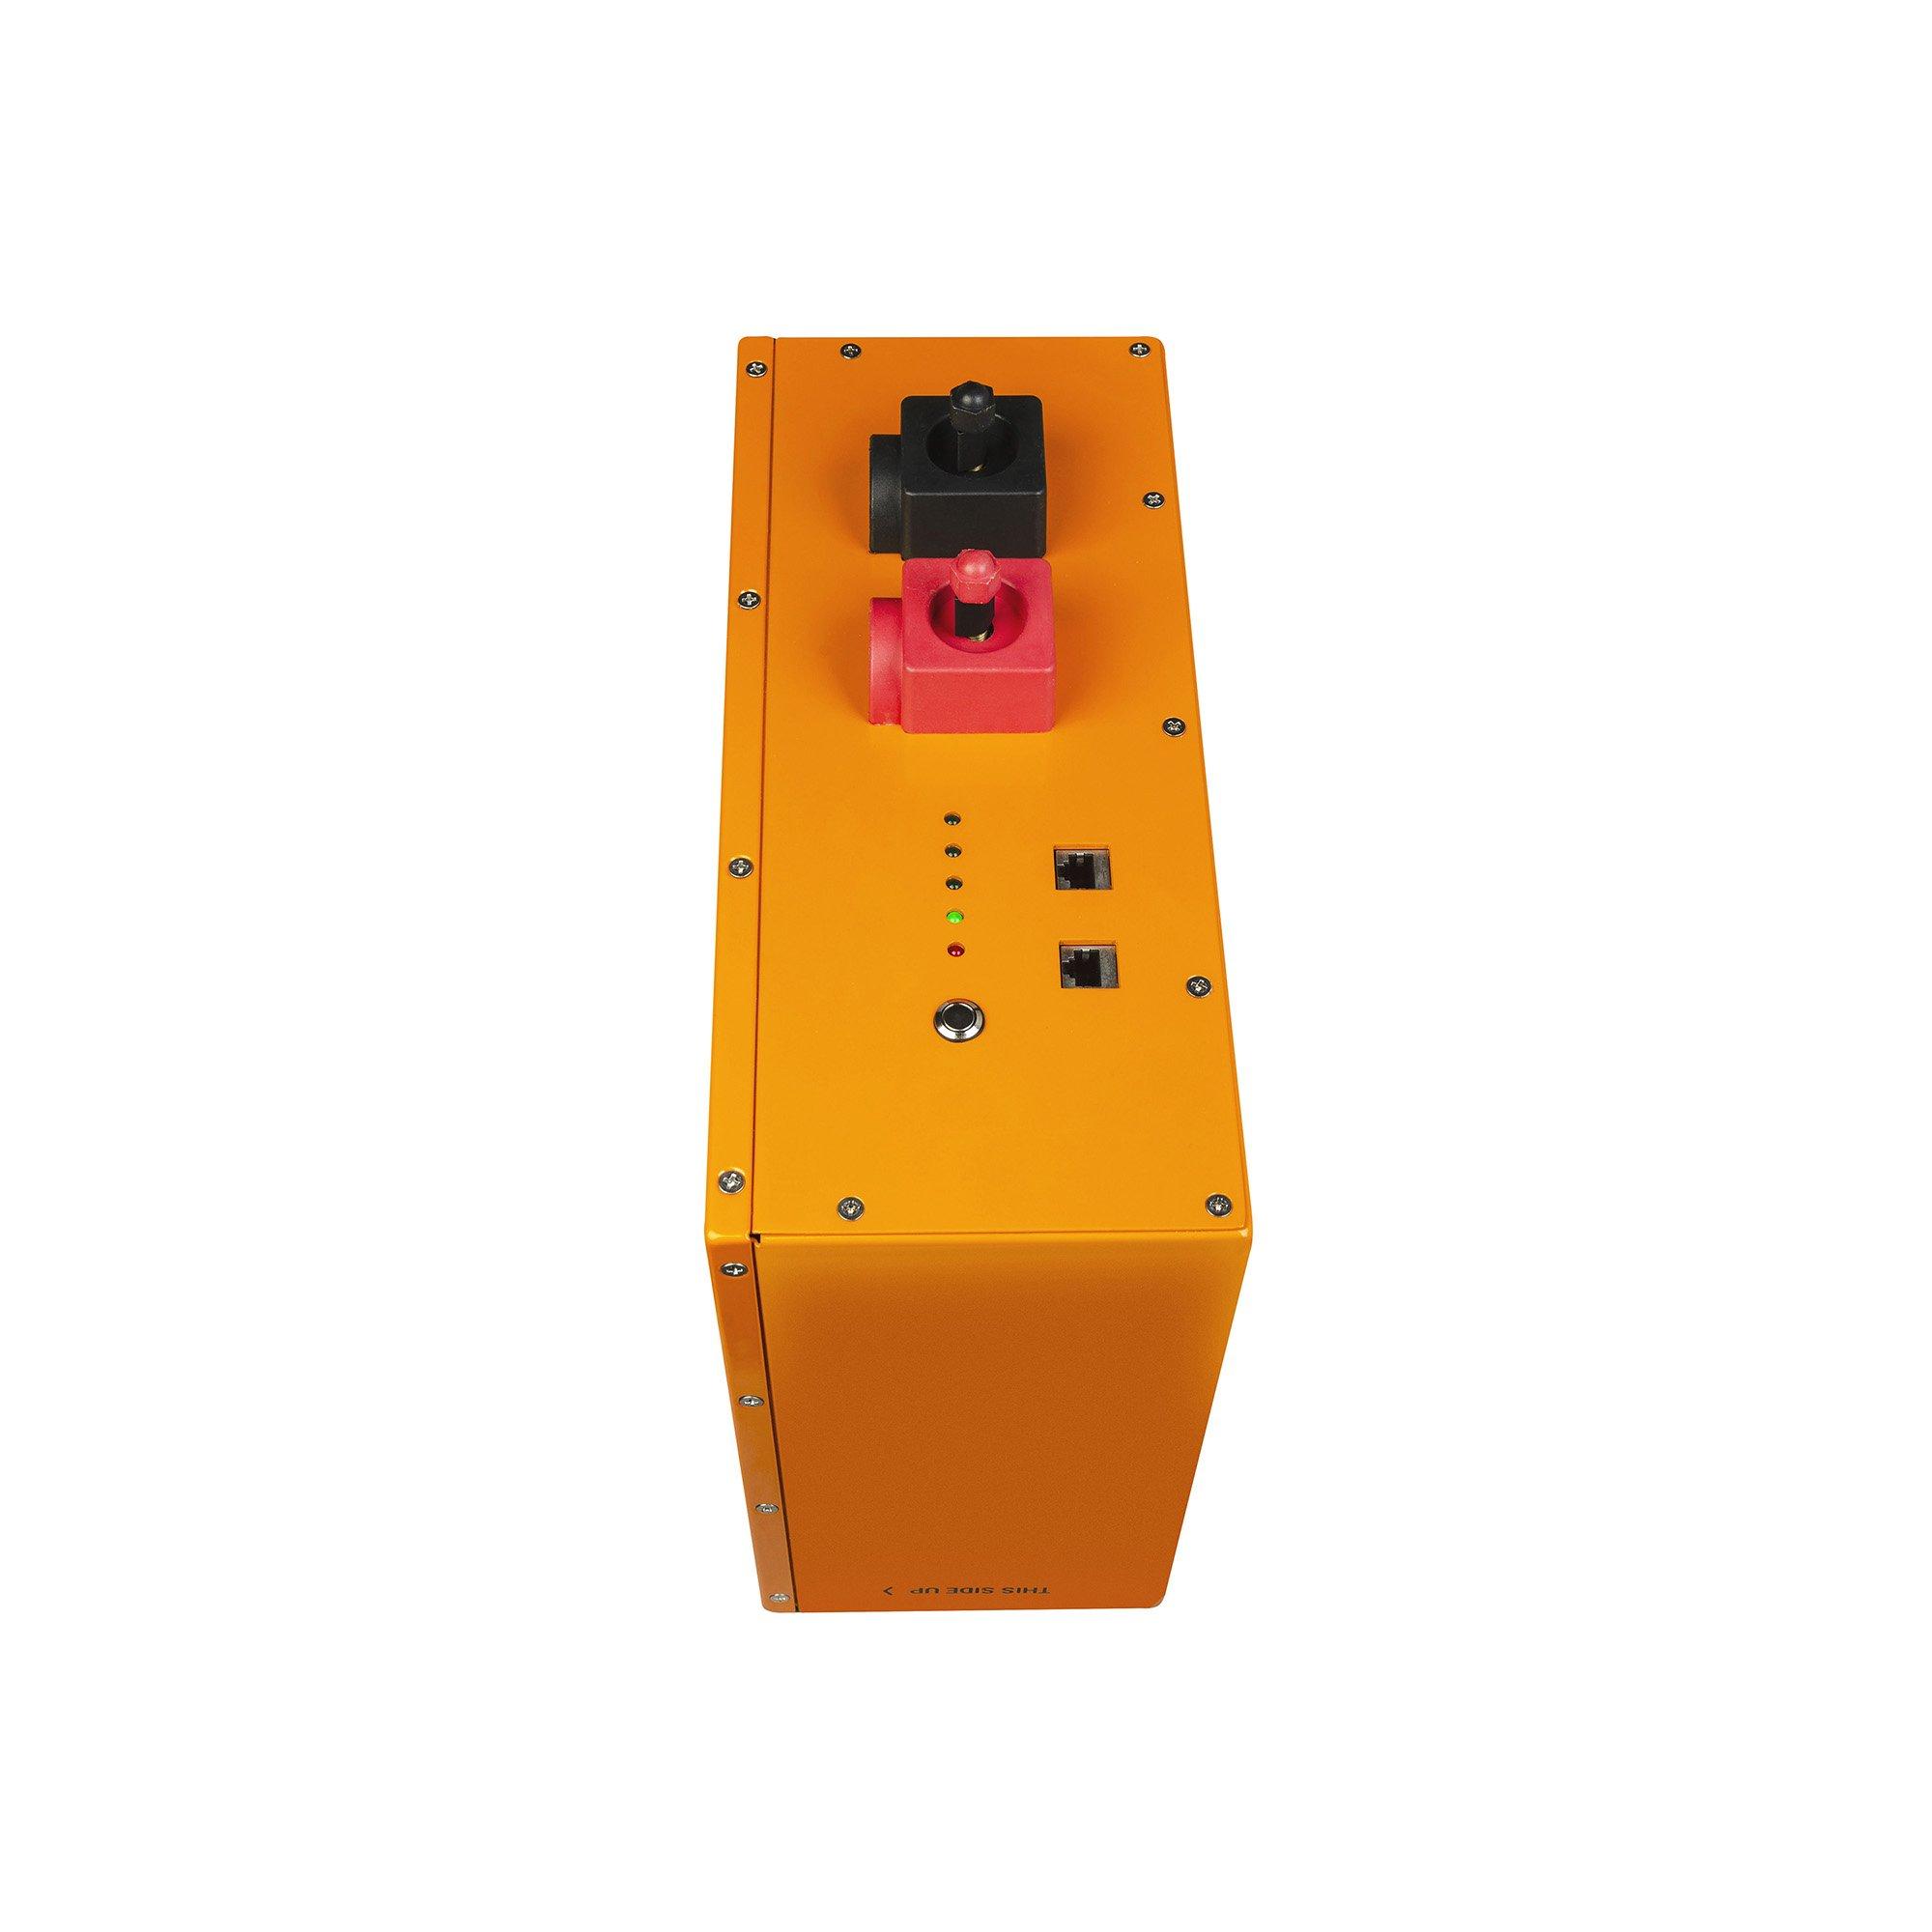 Akumulator litowo-żelazowo-fosforanowy LiFePO4 12.8V 172Ah gör paneli solarnych i kamperów